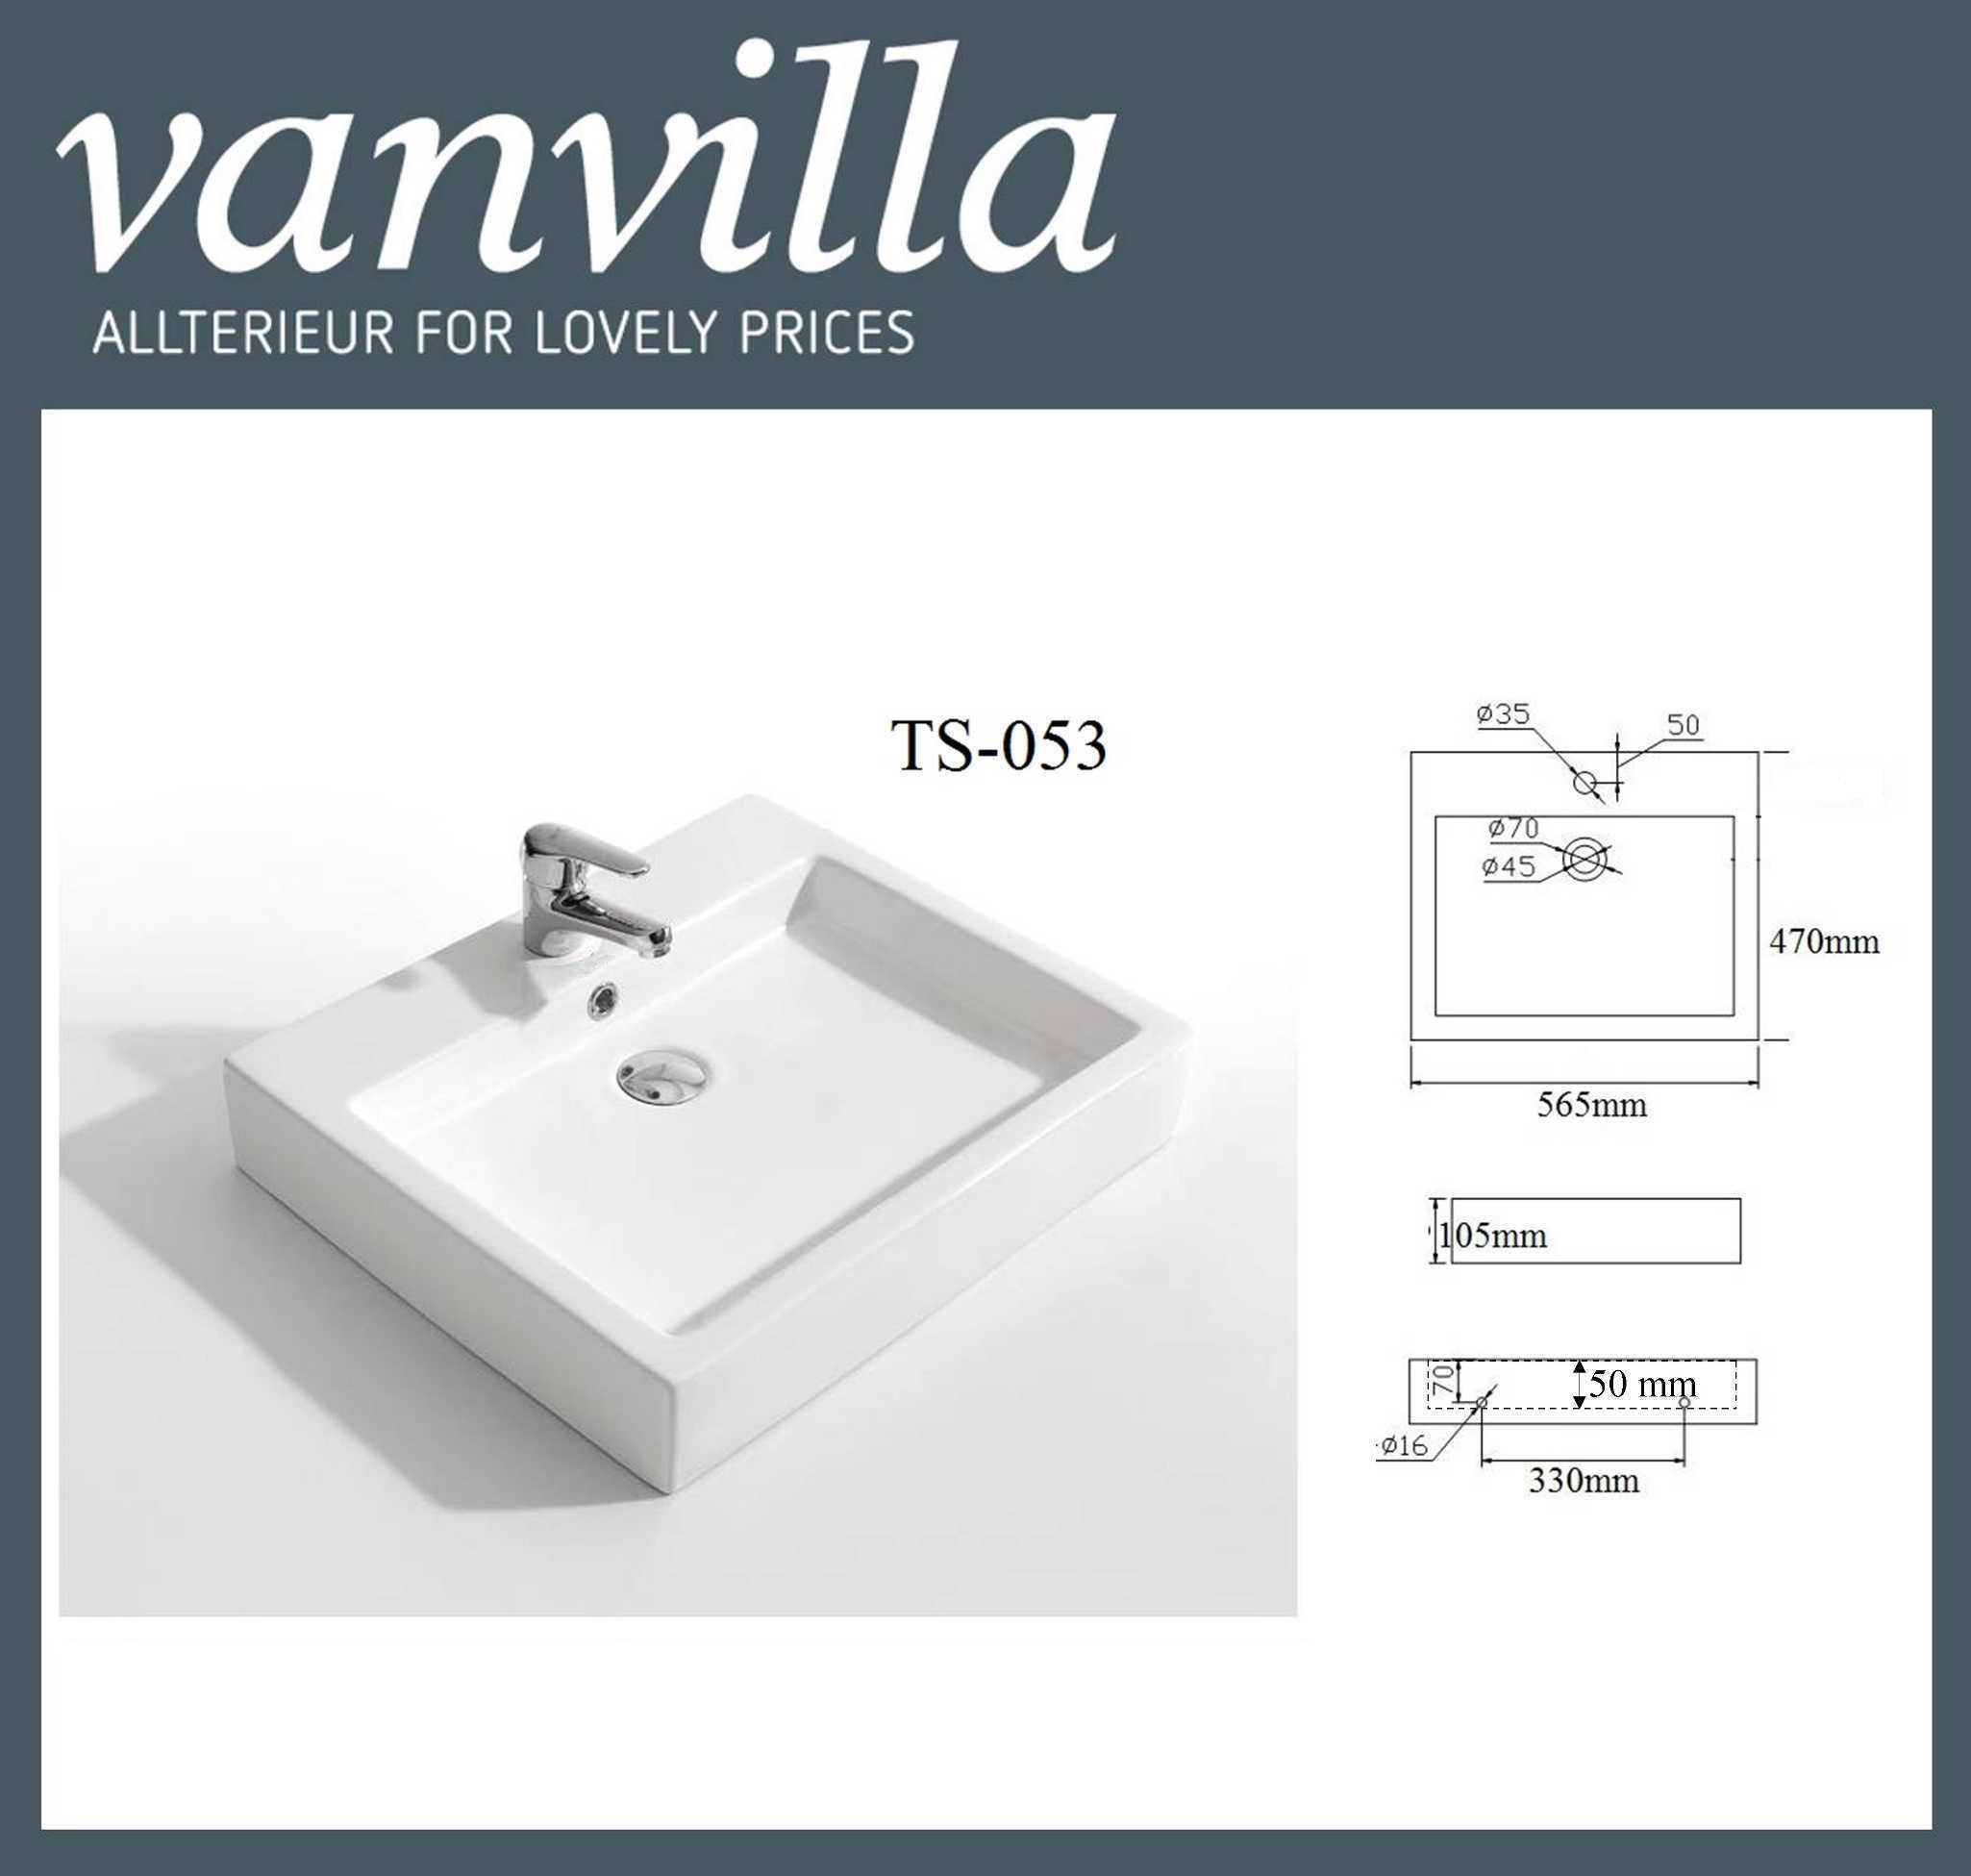 design keramik waschbecken aufsatzbecken eckig aufsatzwaschbecken waschtisch ebay. Black Bedroom Furniture Sets. Home Design Ideas